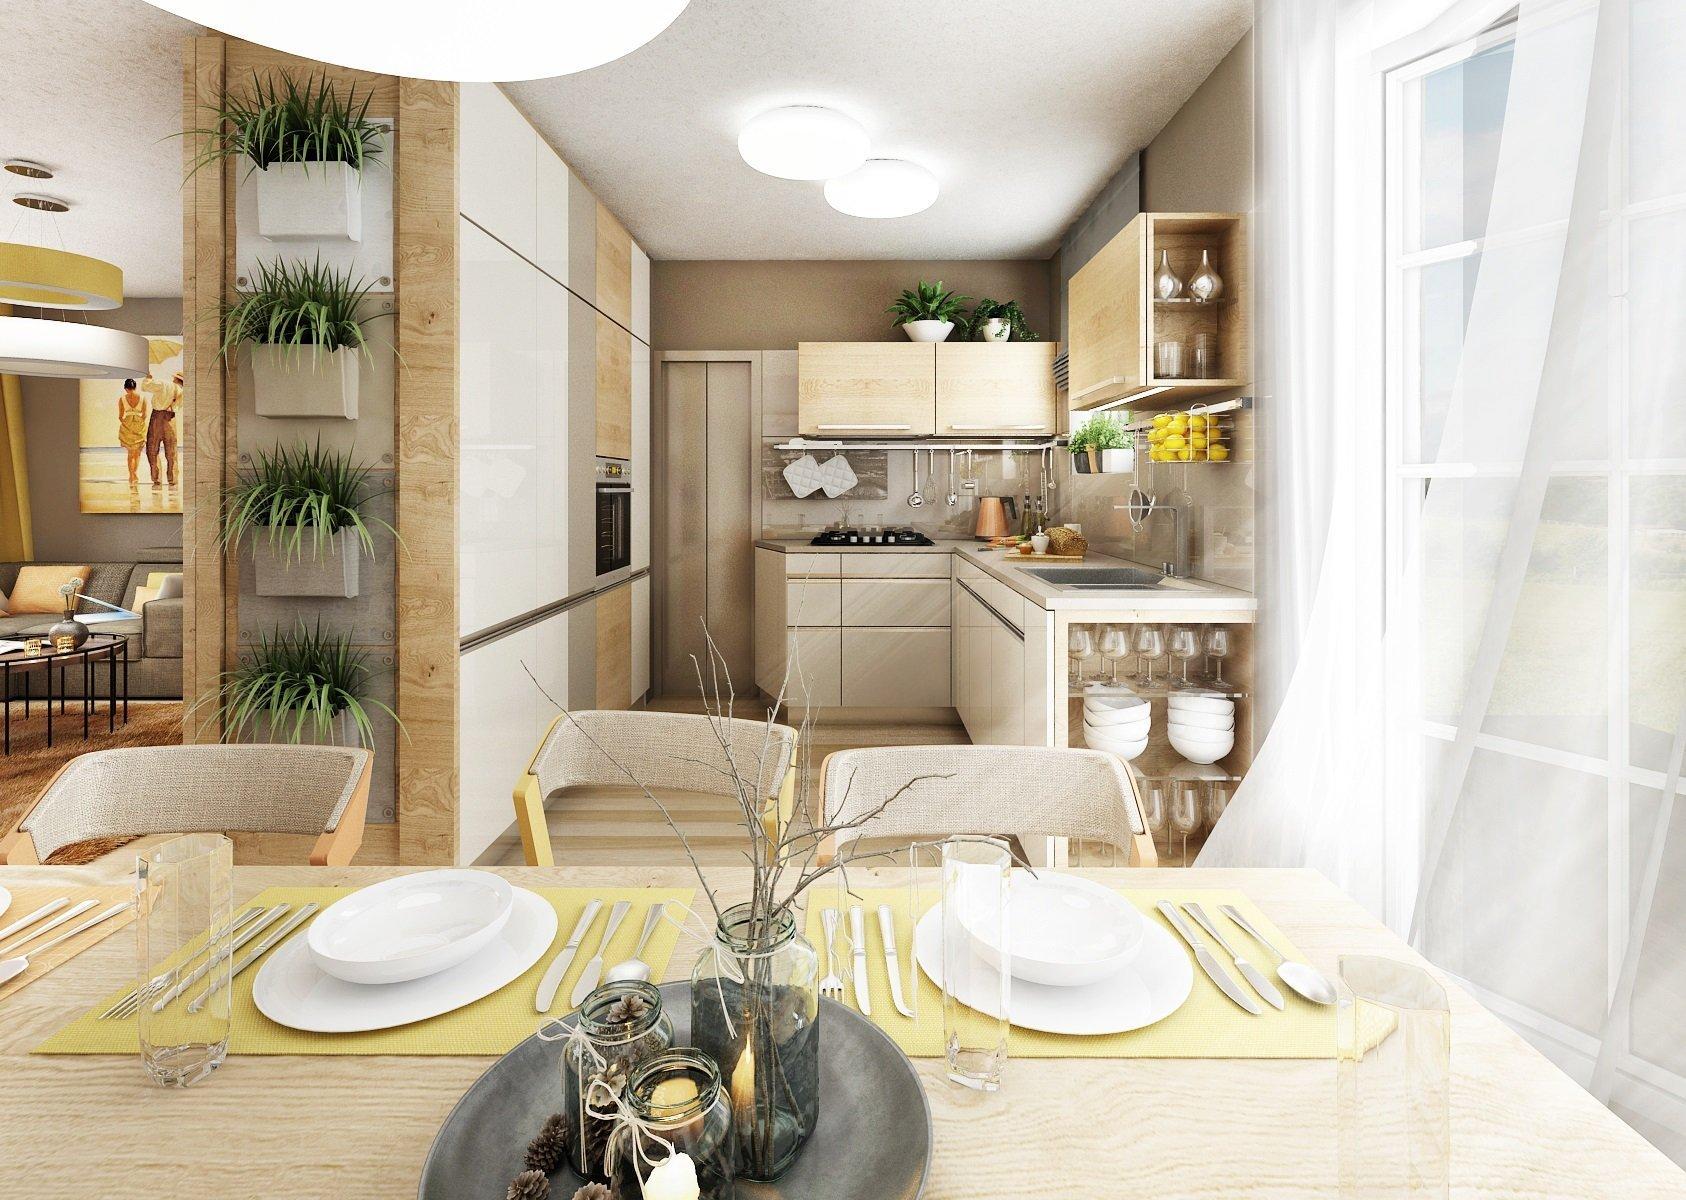 Kuchyňka s obyvákem